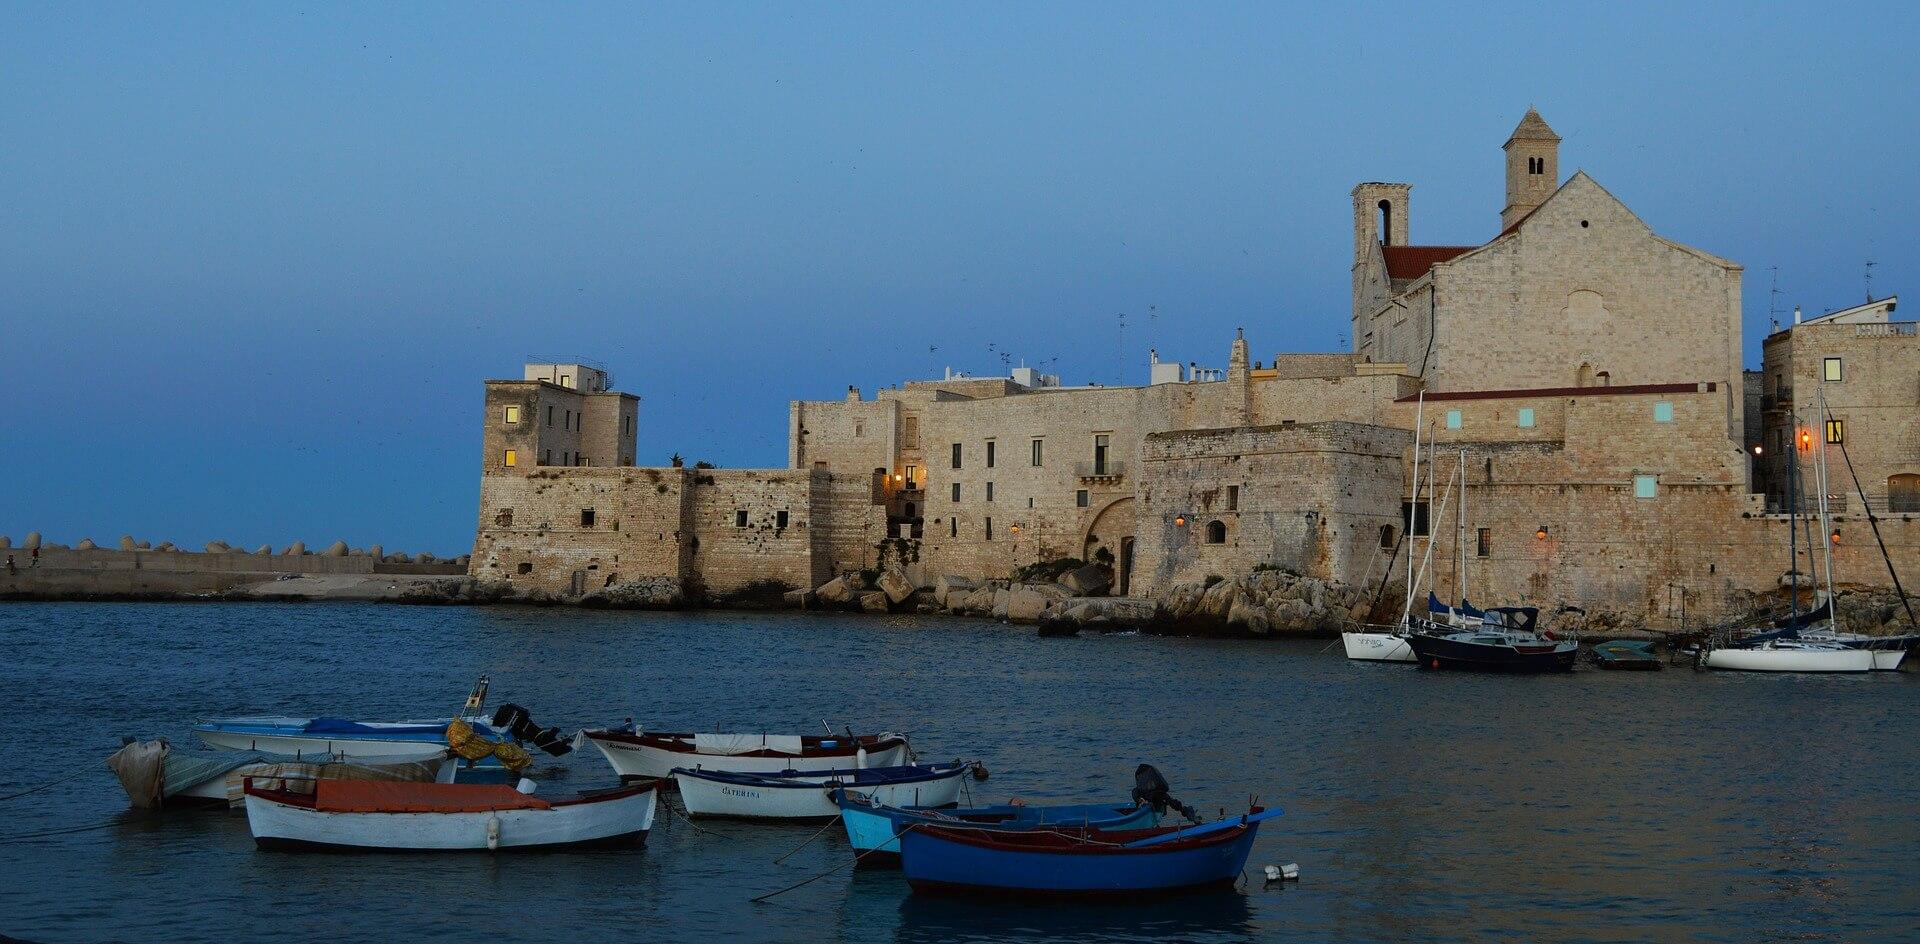 Direktflüge und Billigflüge nach Apulien